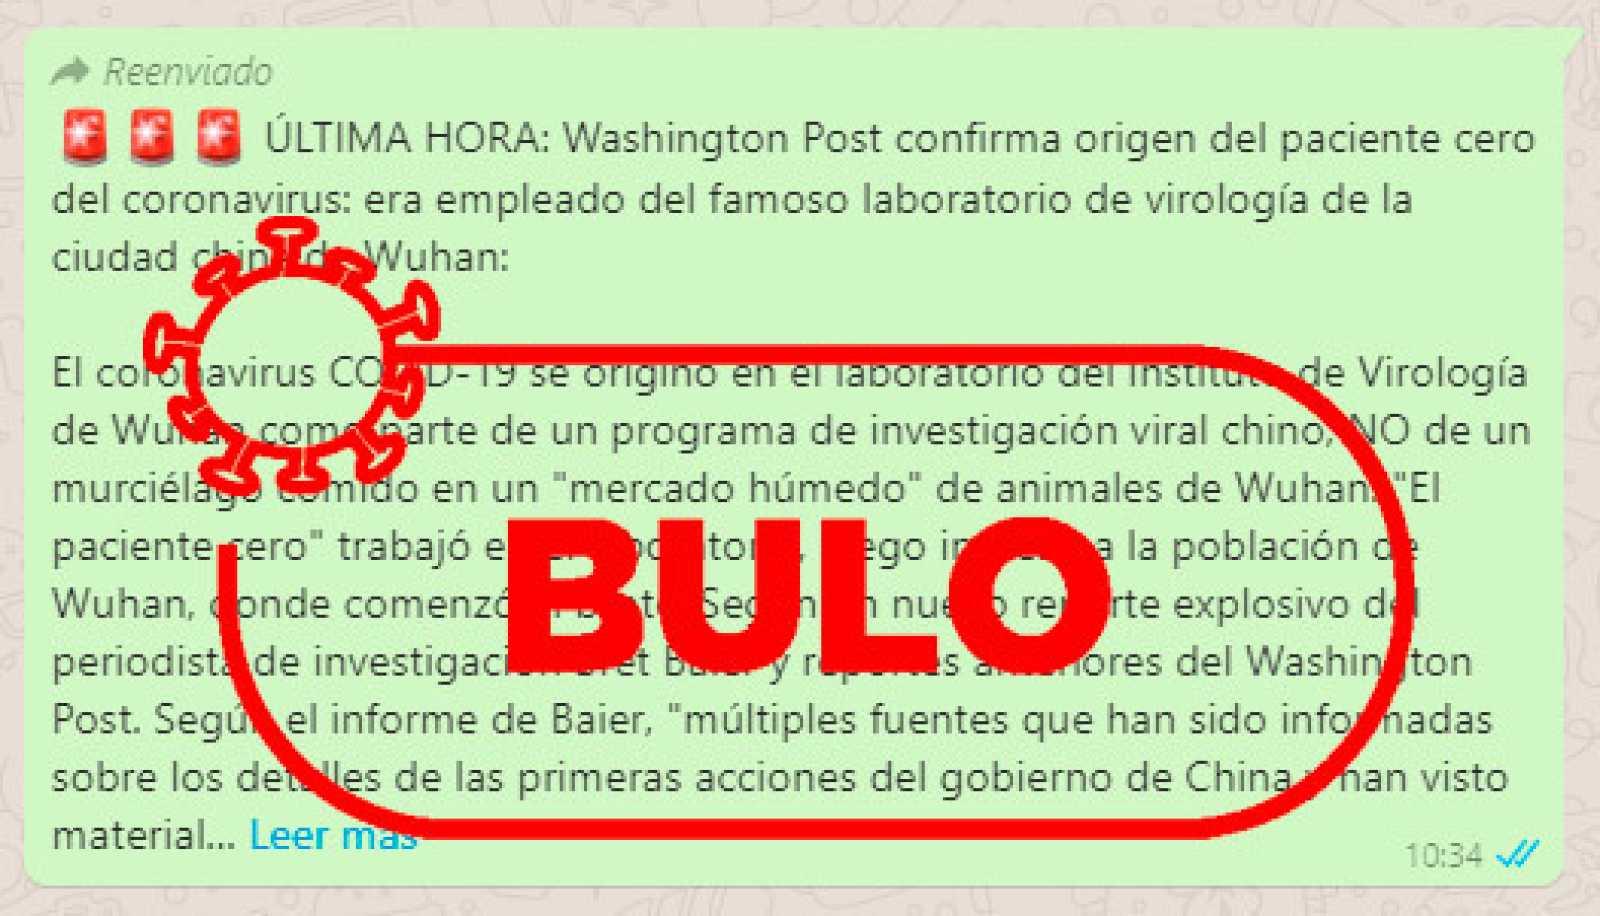 Captura del bulo sobre la información falsamente atribuida al Whashington Post.